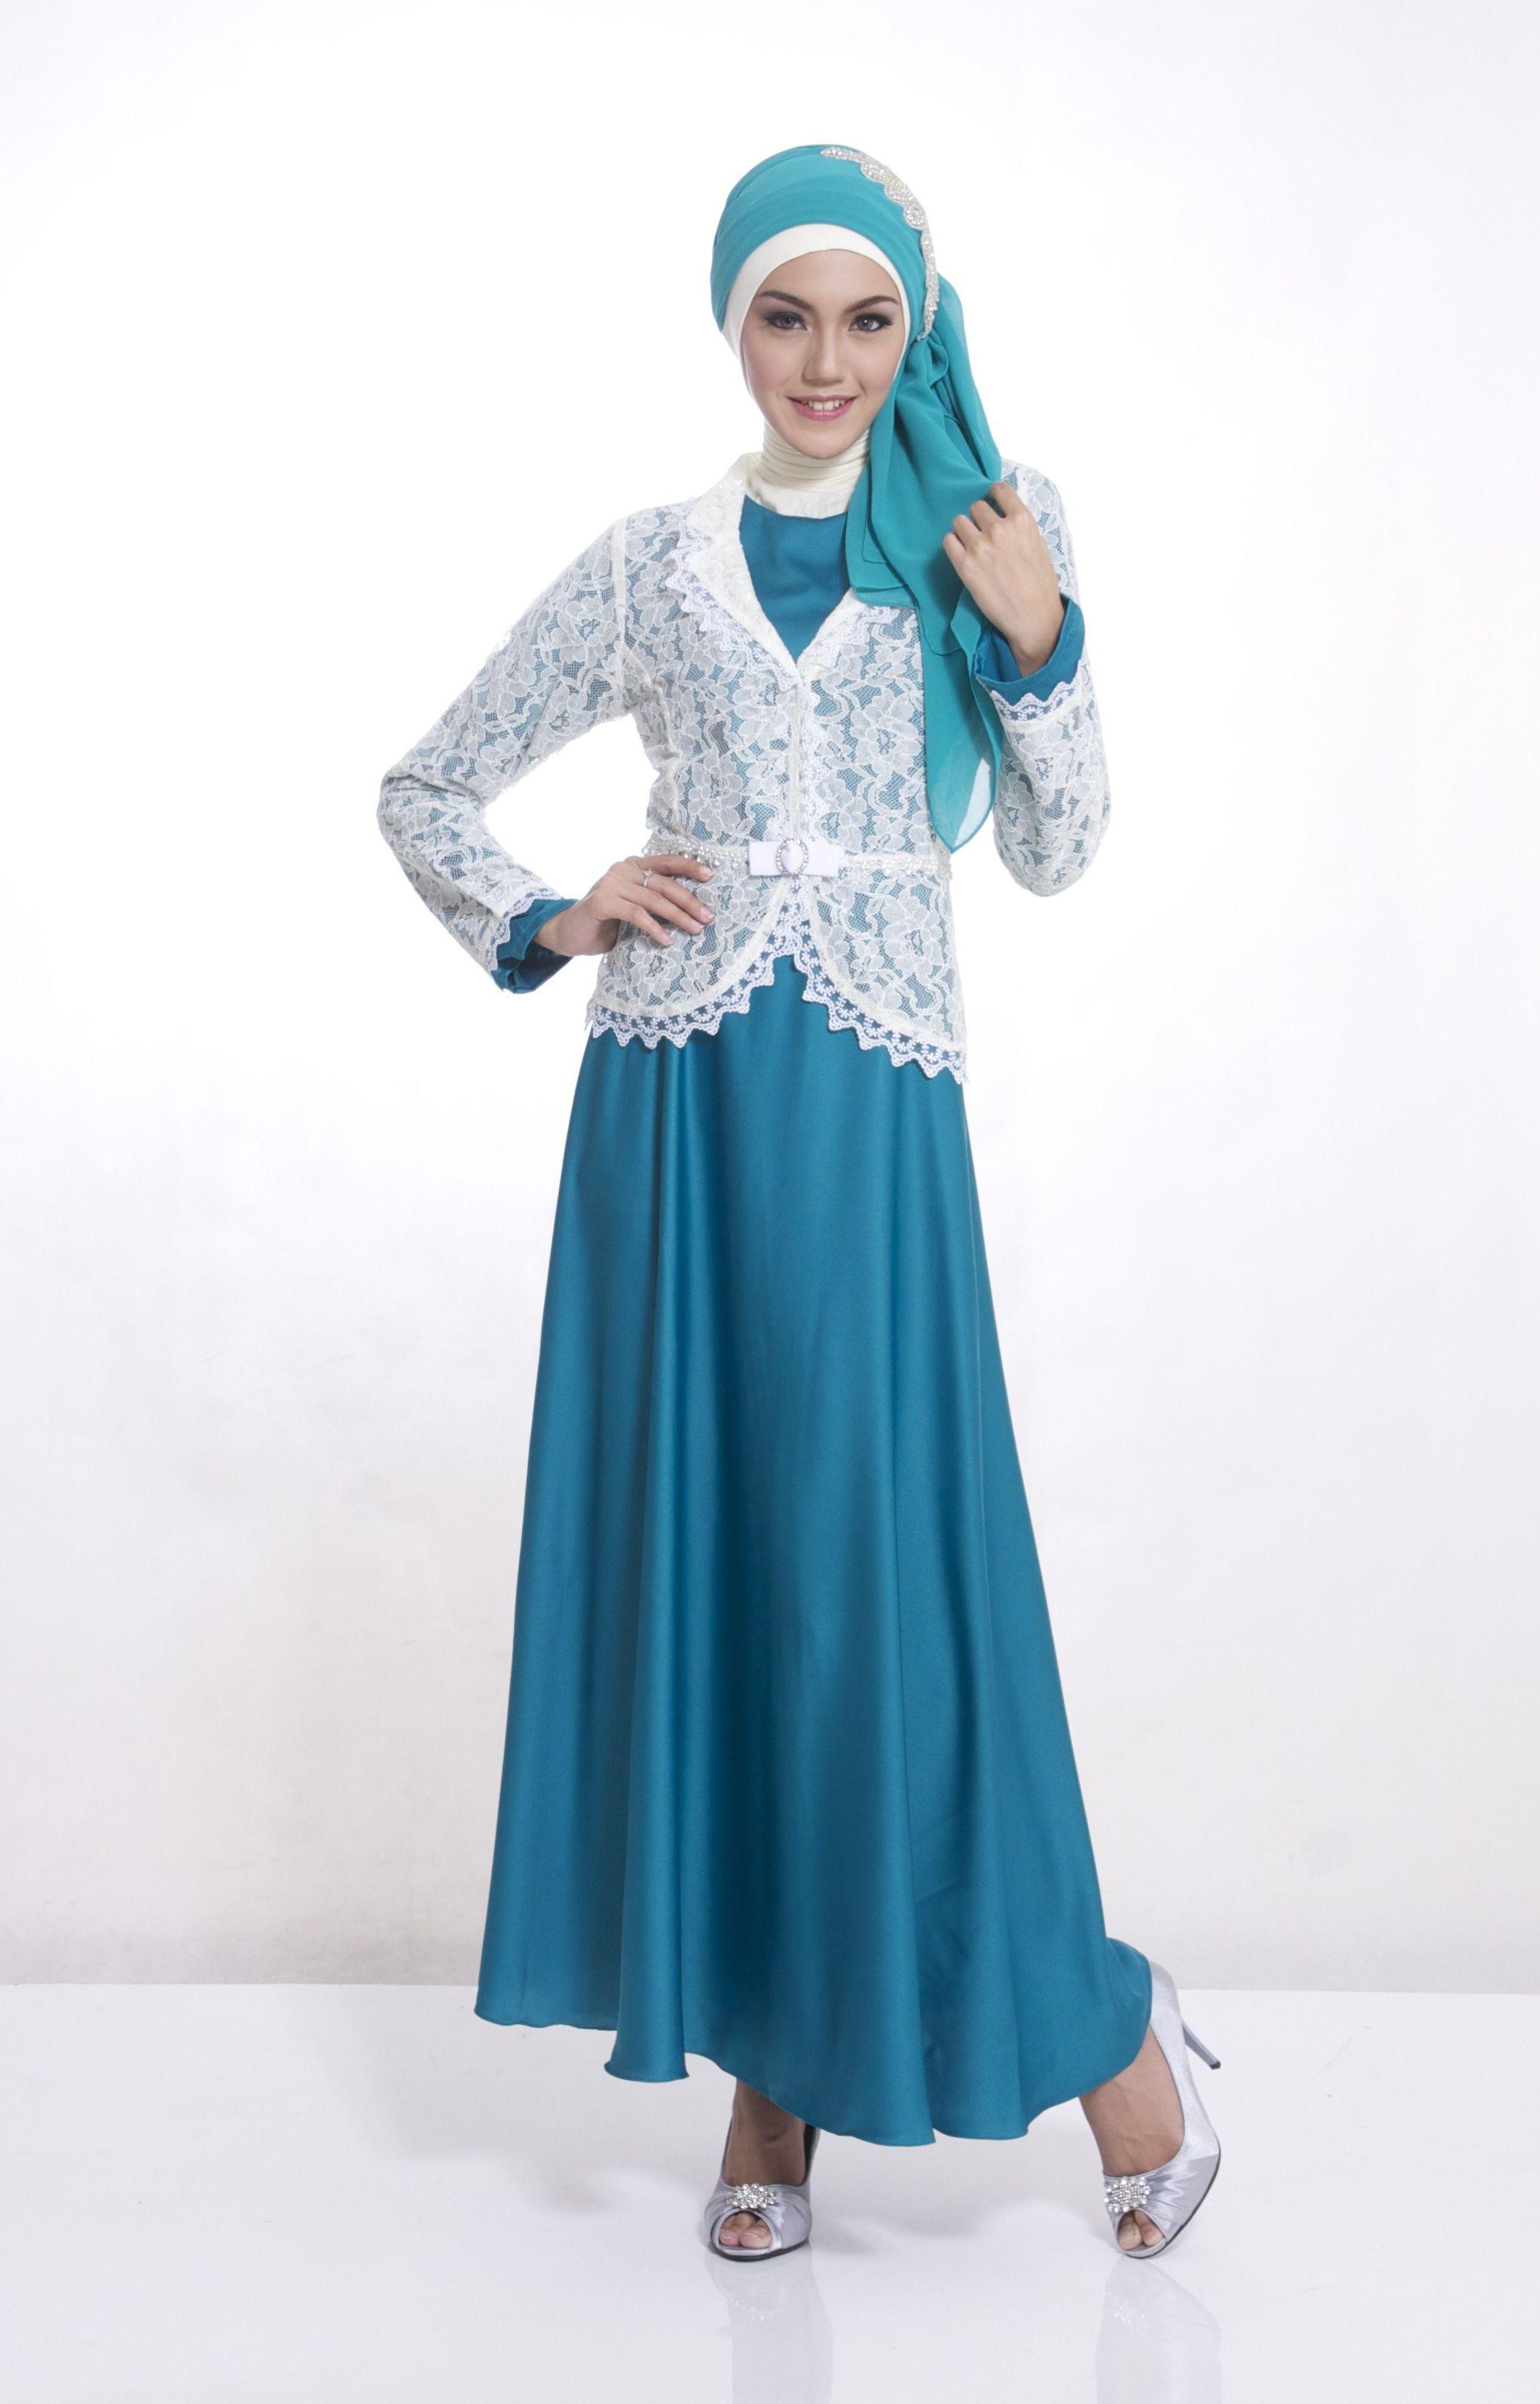 Contoh Model Baju Muslim Brokat Terbaru 2017 Busana Muslim